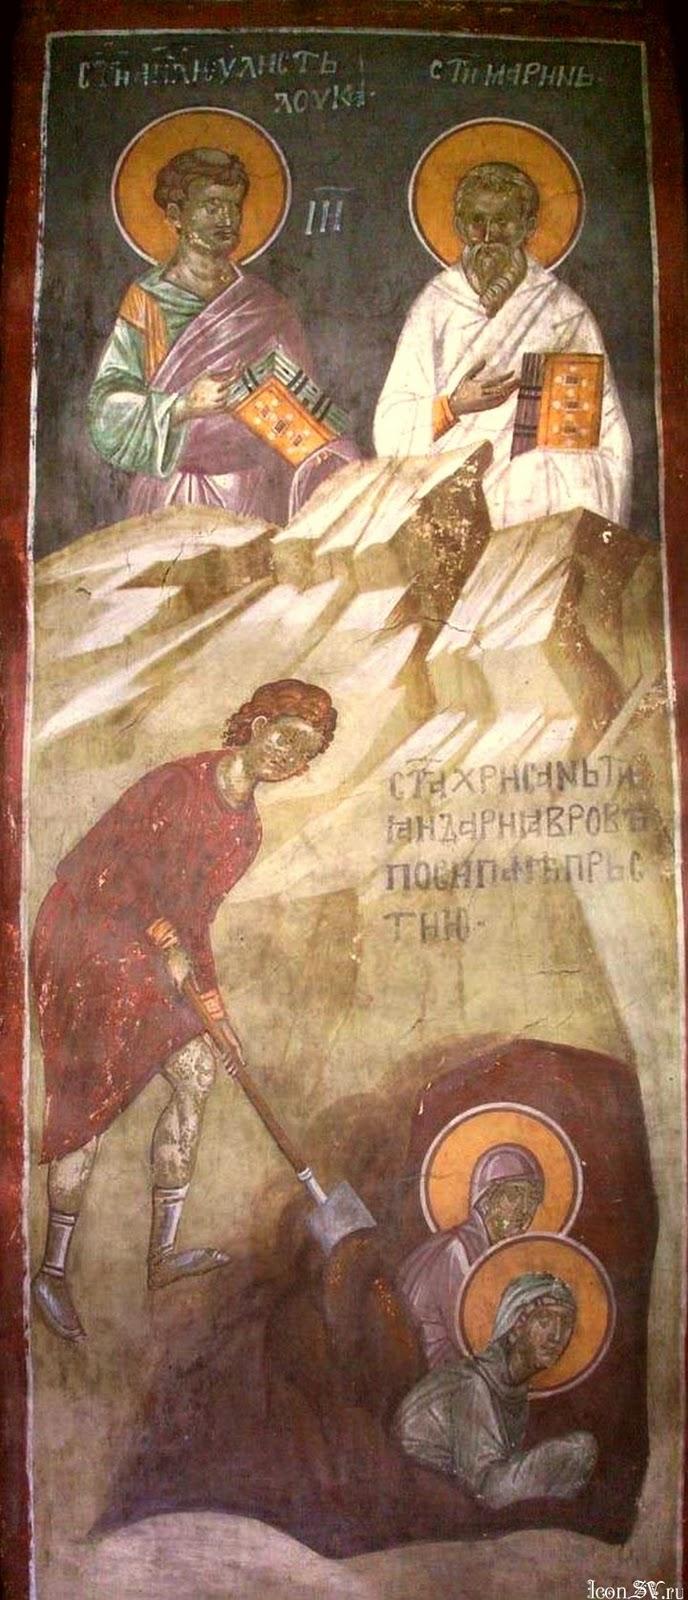 5 мая Лукин день (святой Лука), народные приметы и традиции